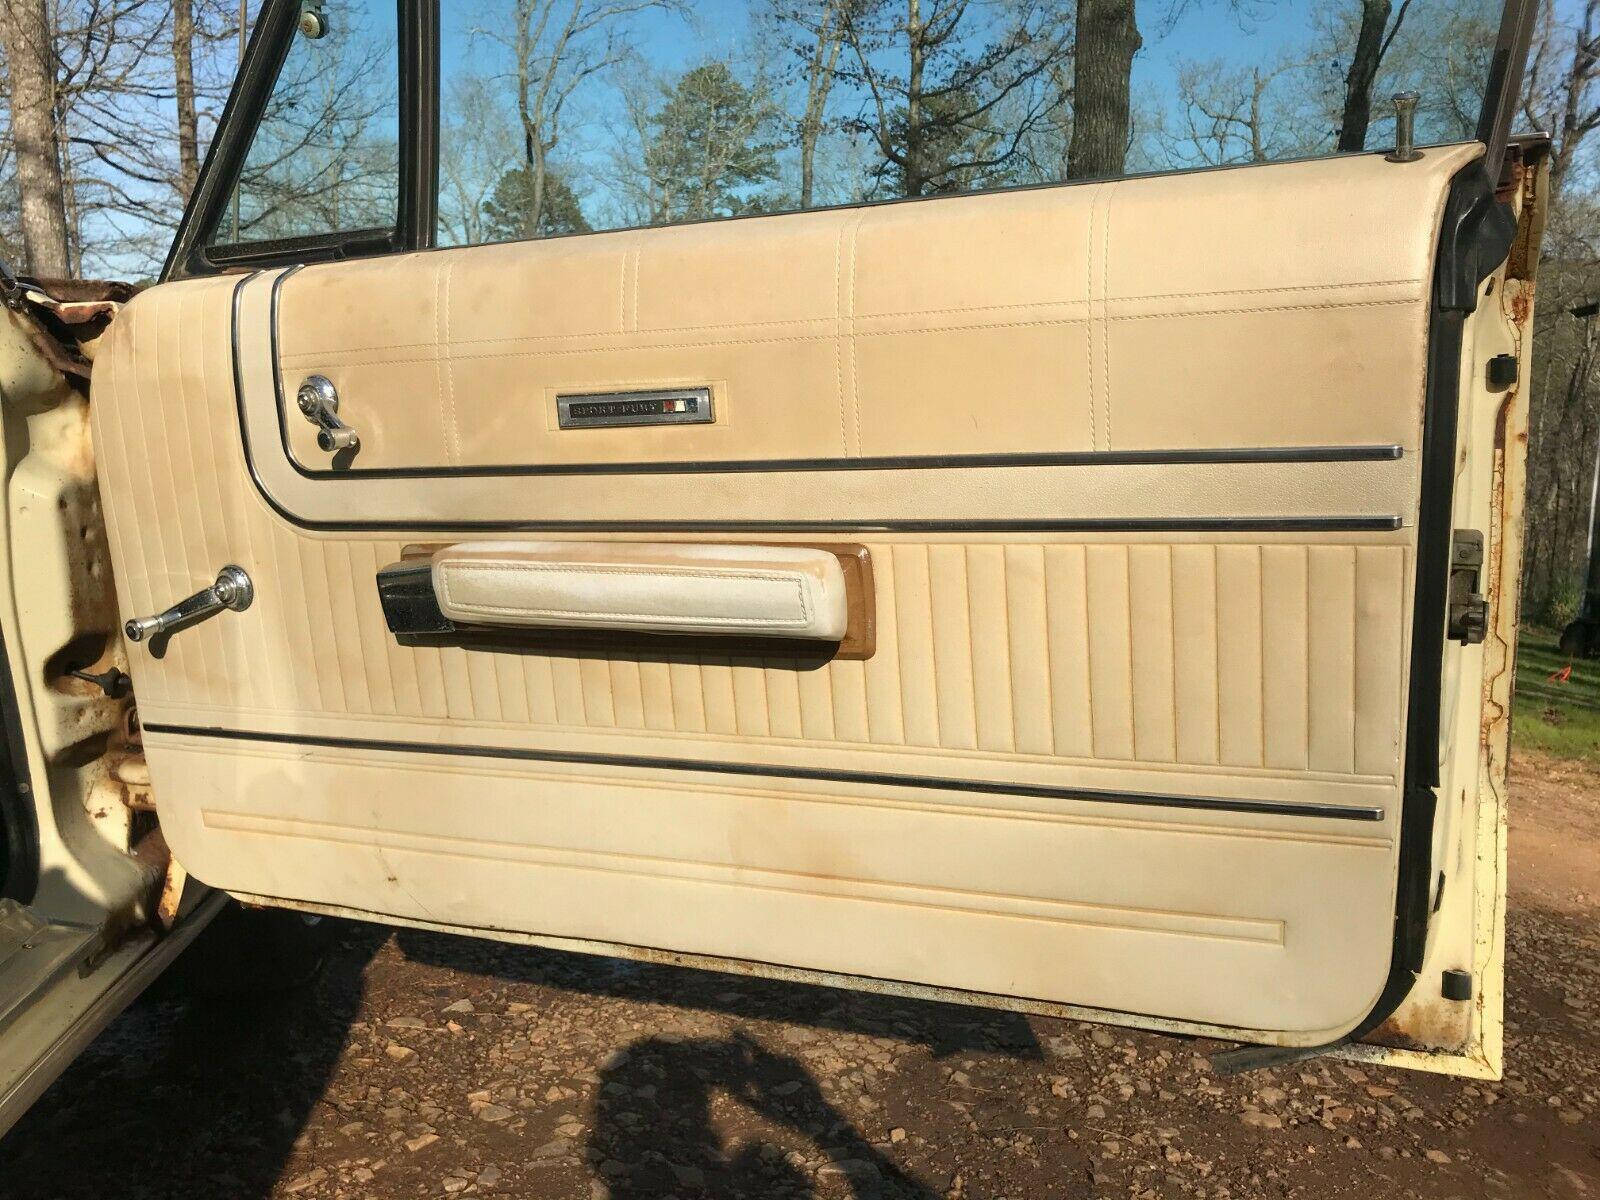 Plymouth Sport Fury 1967 nguyên bản được tìm thấy trong chuồng gà sau 20 năm - Ảnh 6.